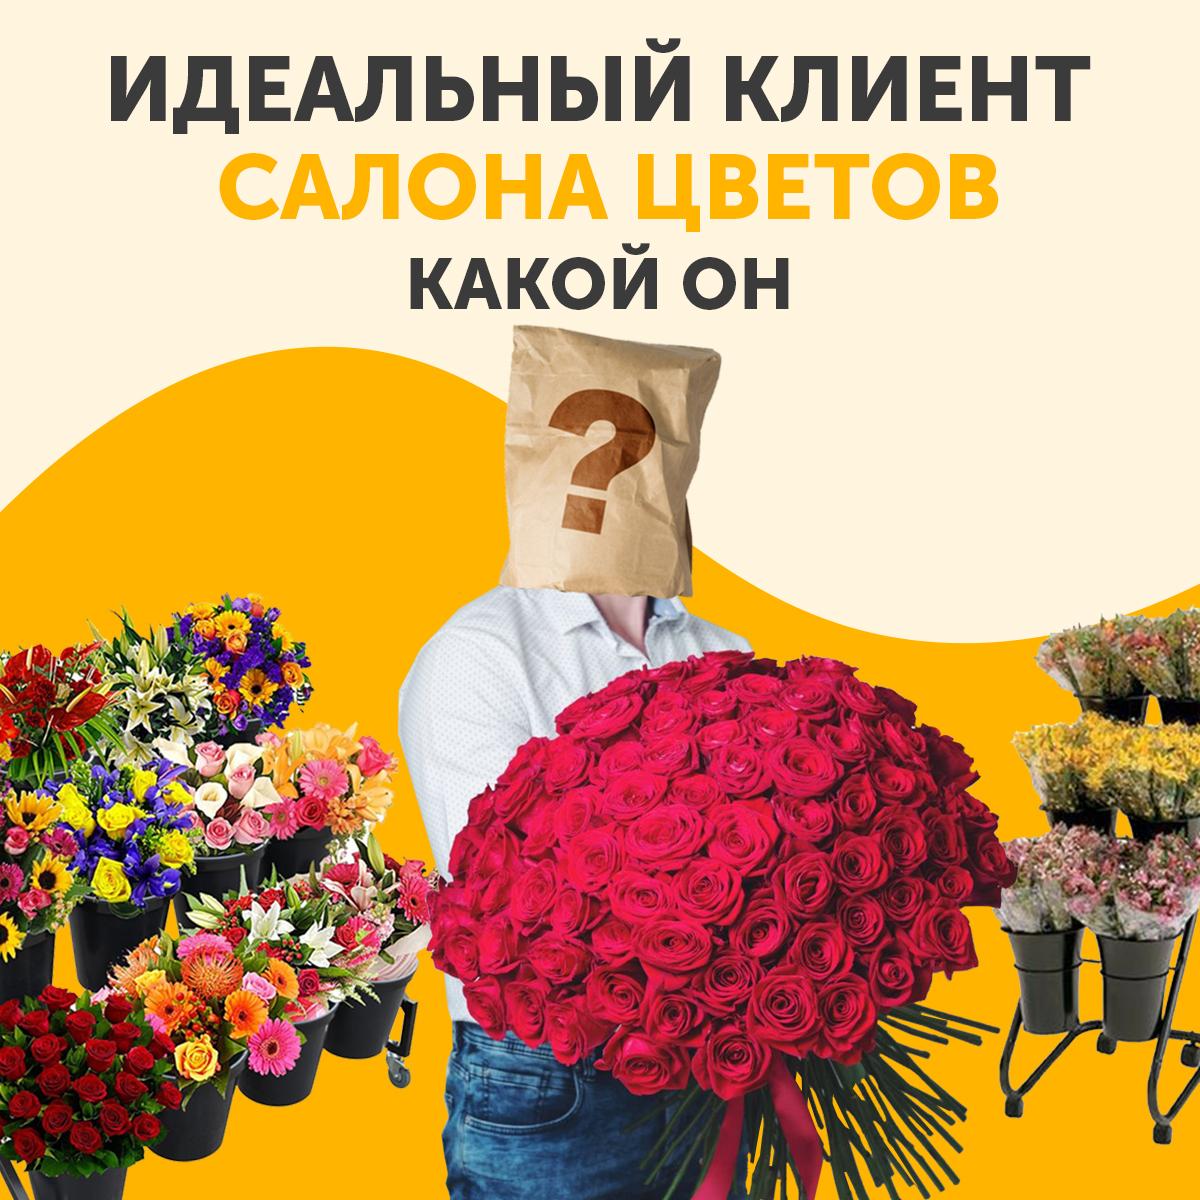 идеальный клиент салона цветов